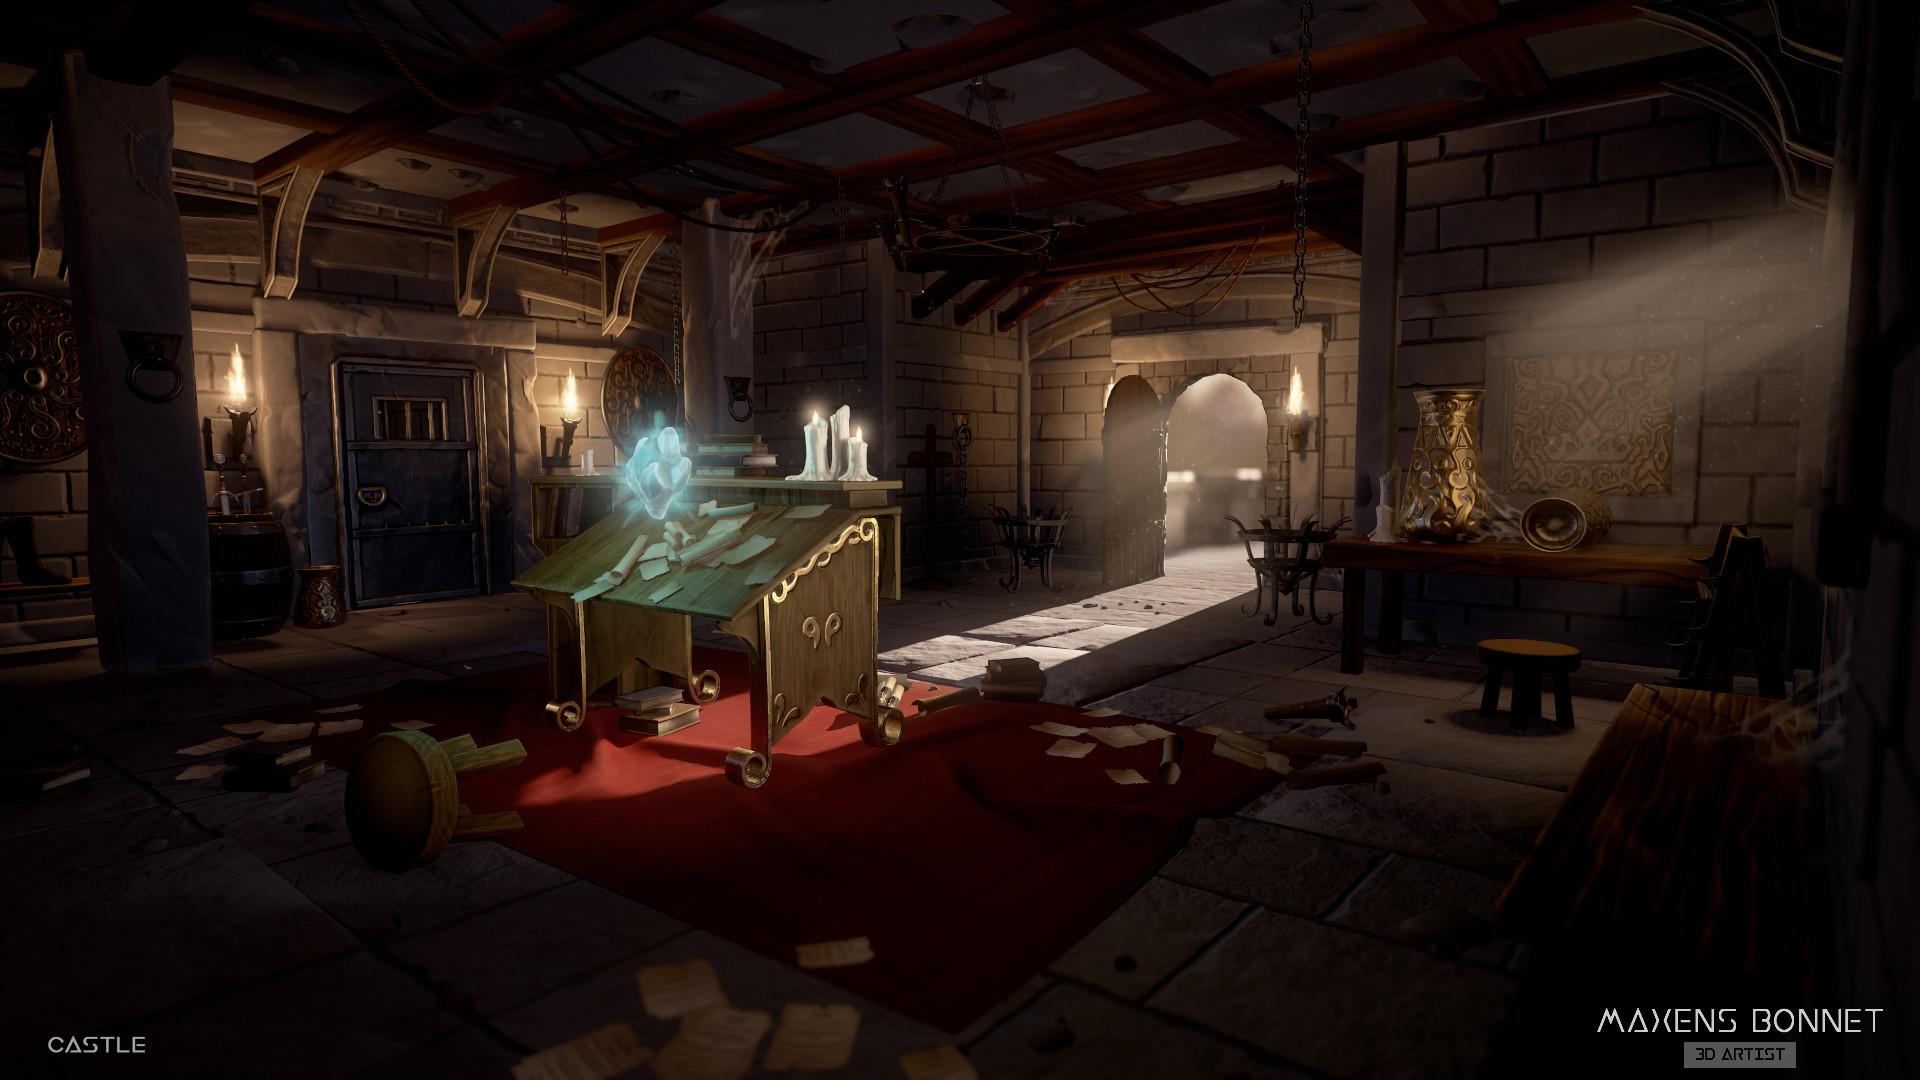 Maxens bonnet castle room